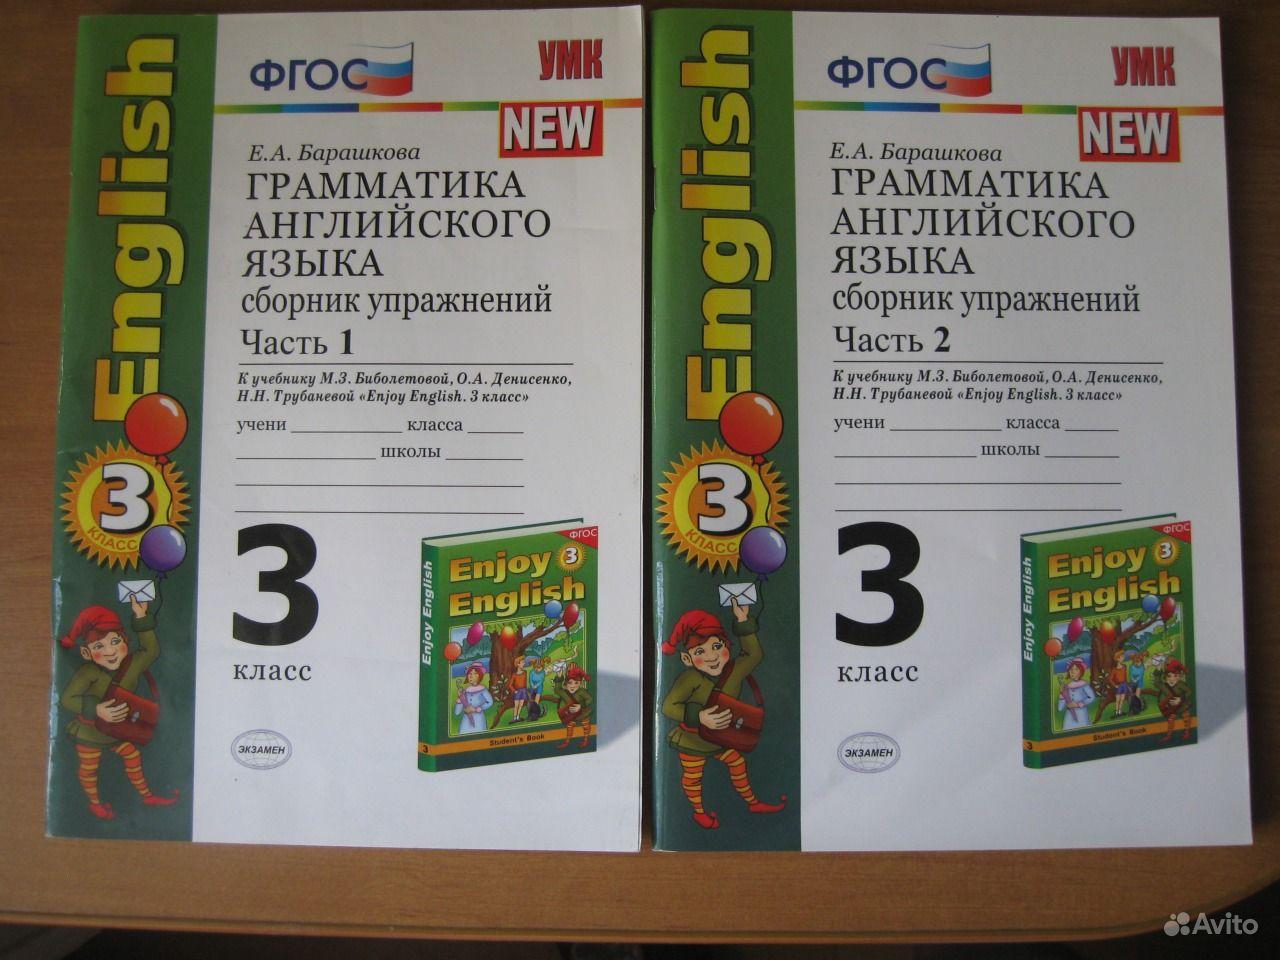 языка. гдз грамматика сборник книга английского по английскому упражнений.